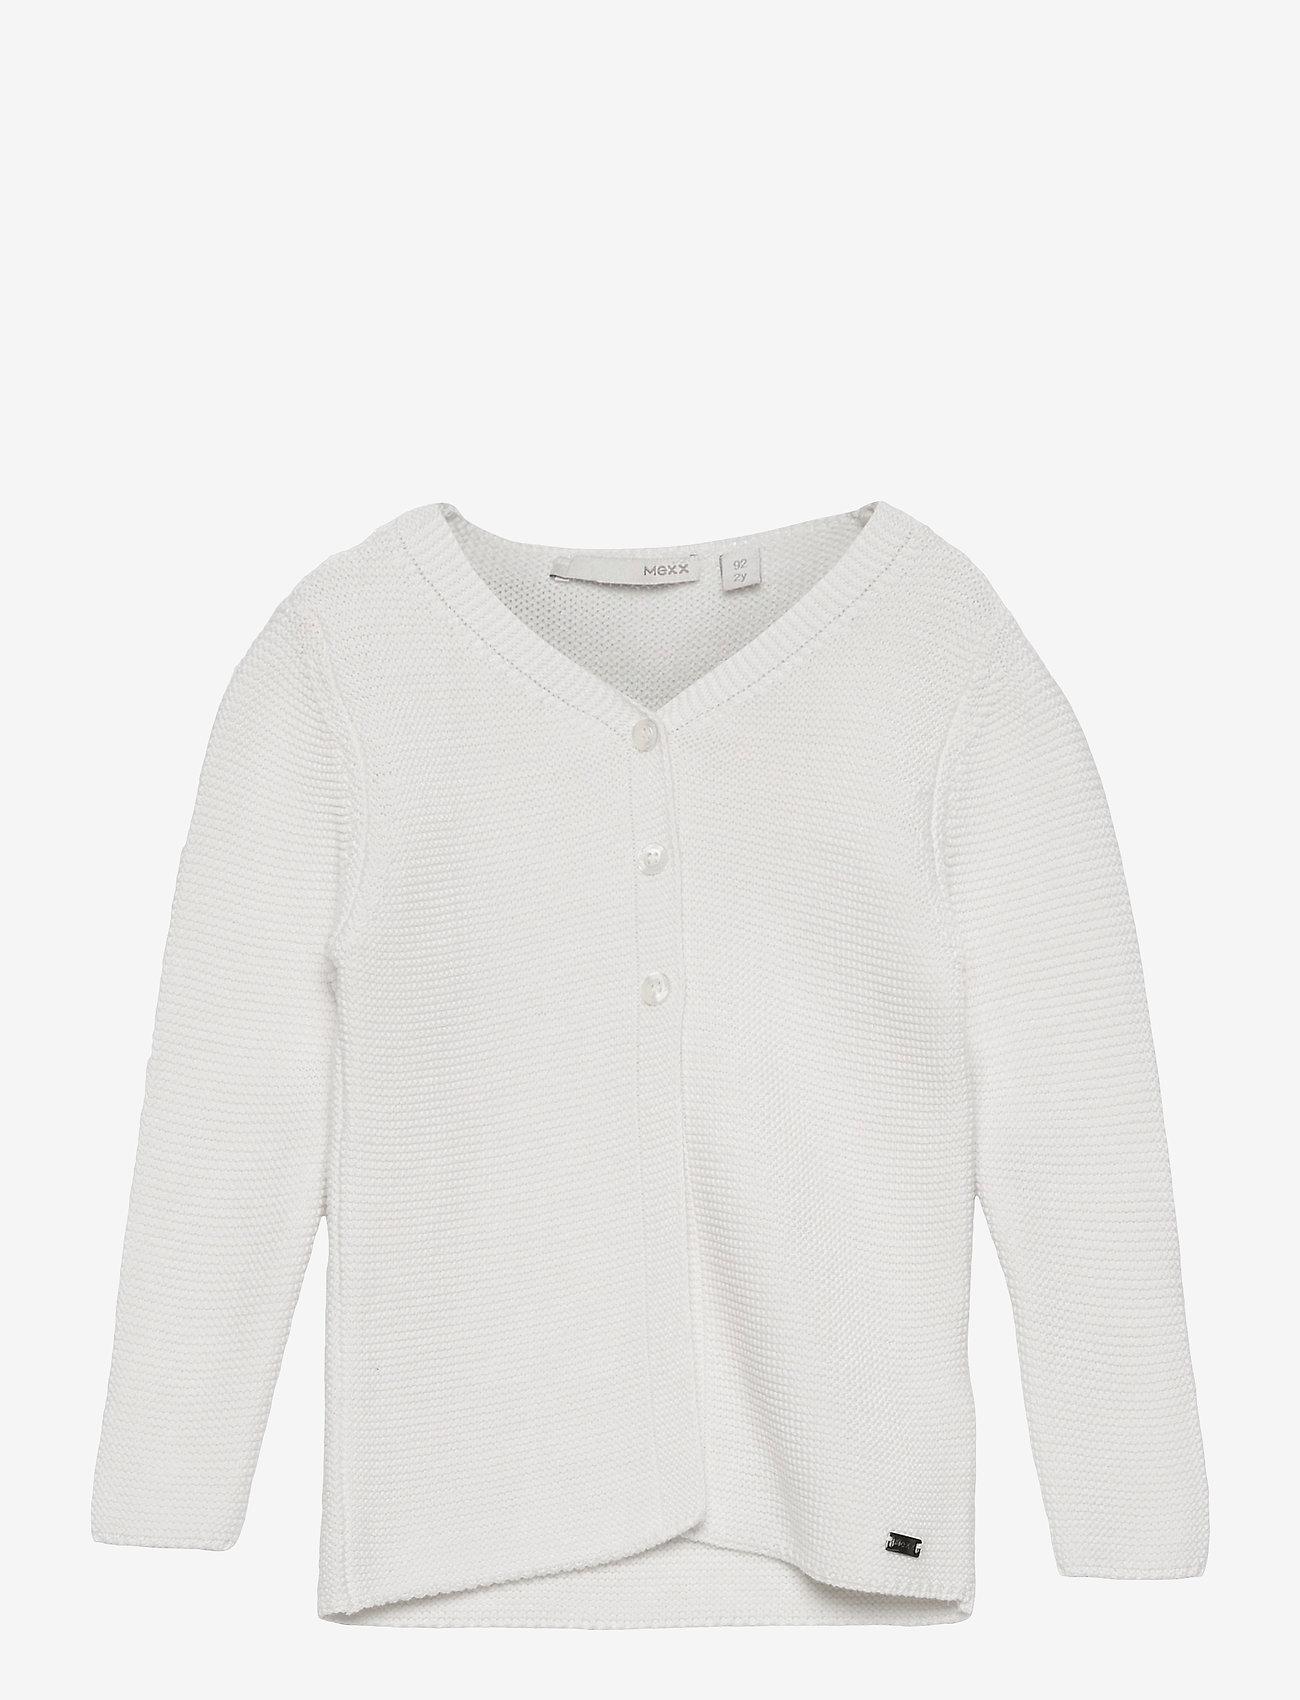 Mexx - Cardigan - gilets - marshmallow (off white) - 0